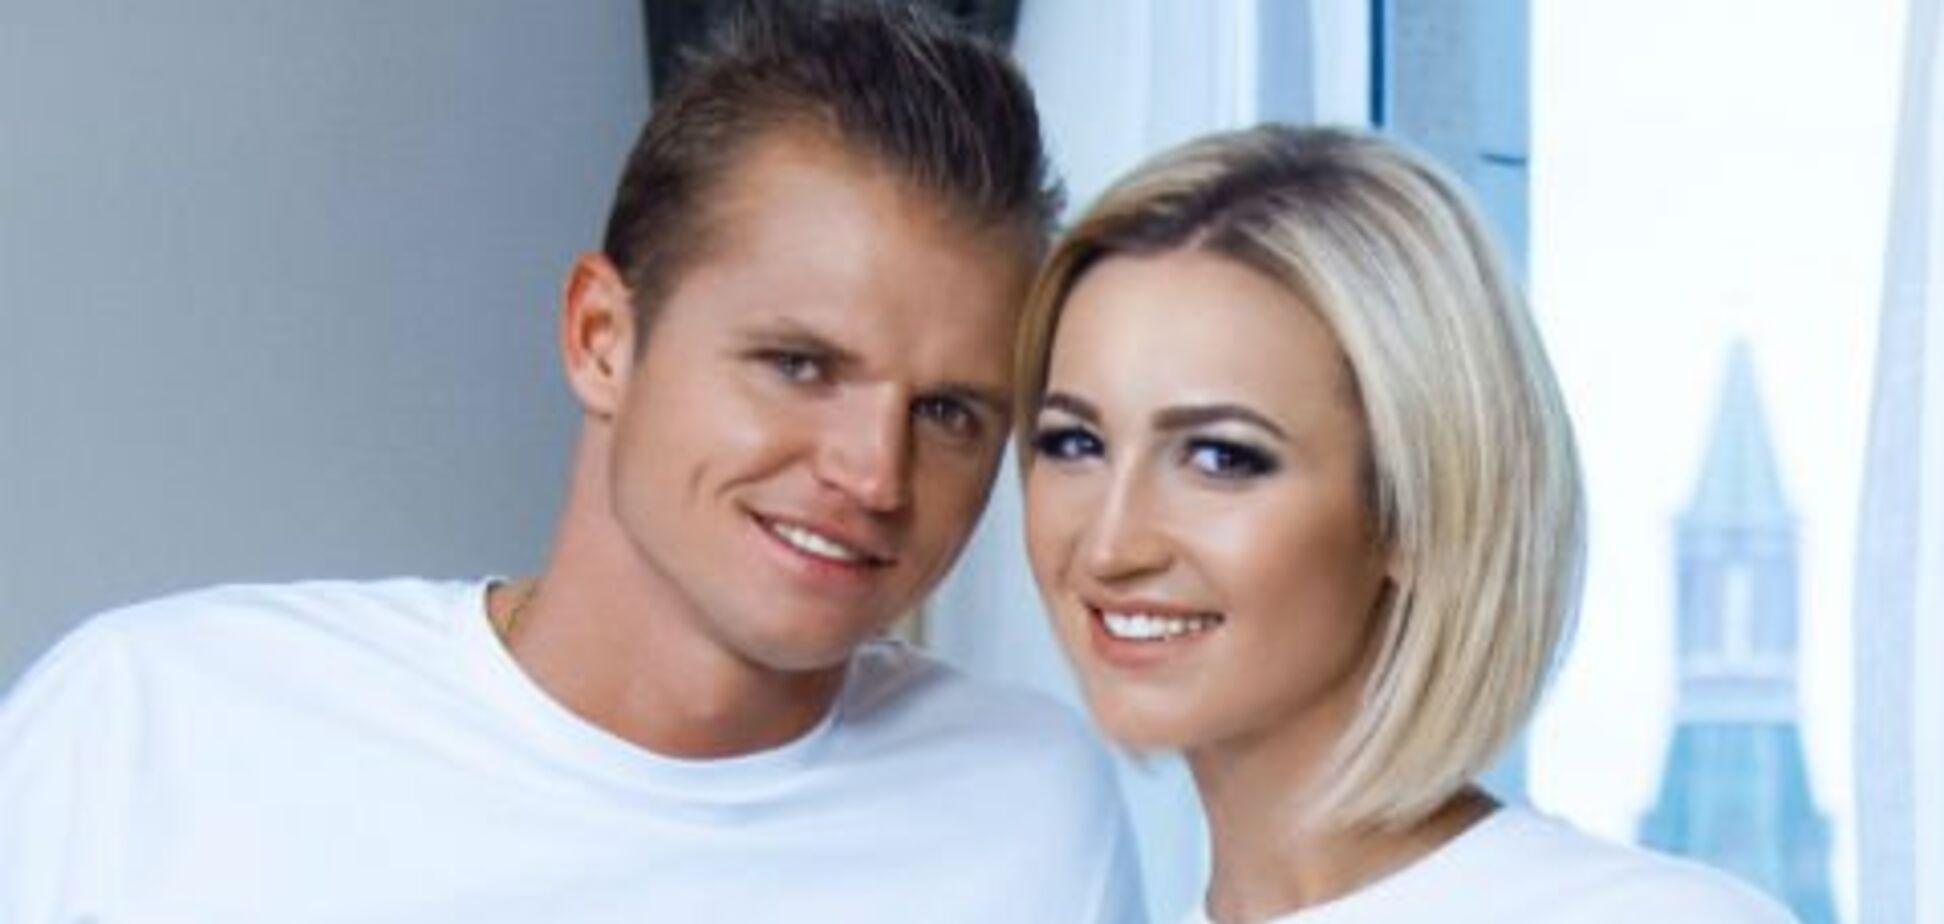 Тарасов розповів, що Бузова надсилала голі фото Нагієву в момент їхнього розриву